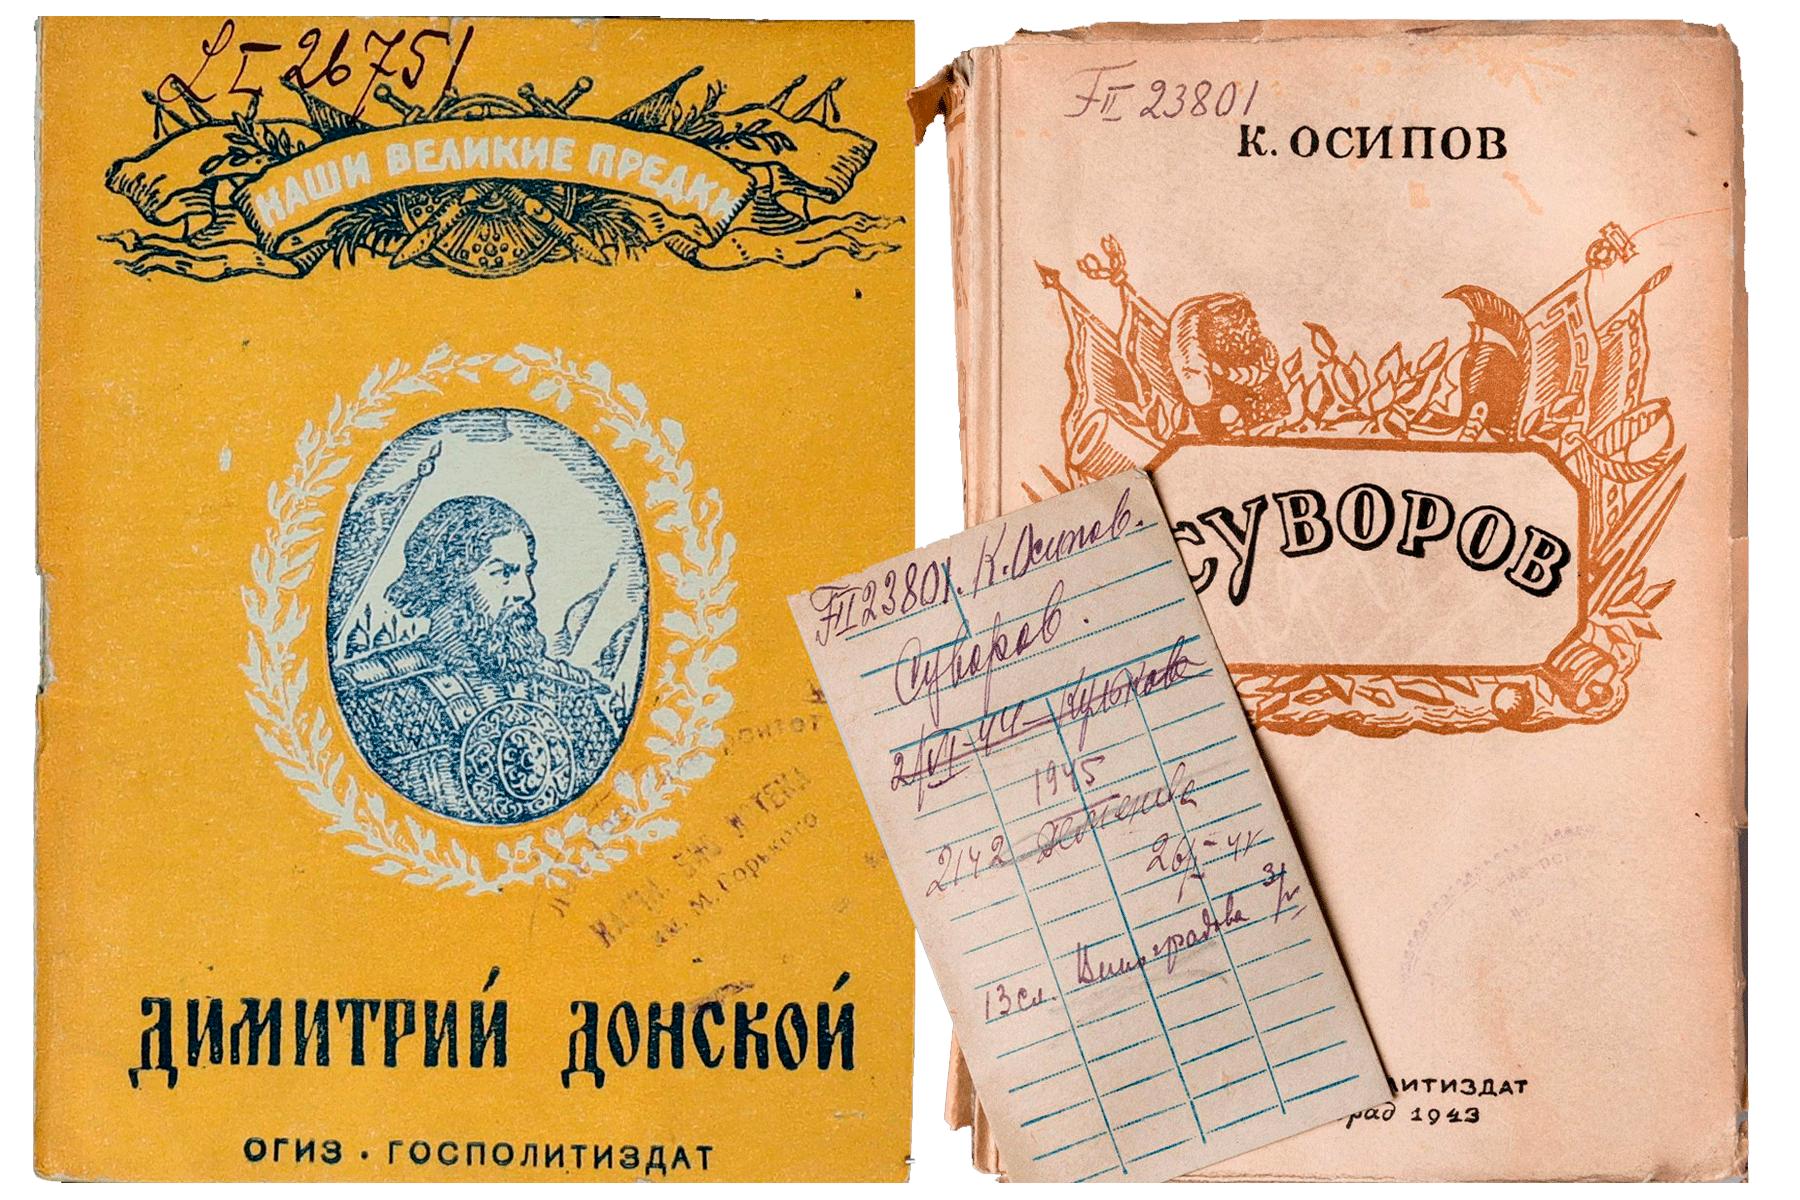 В серии «Наши великие полководцы» в Ленинграде в 1942 году вышла книга, посвященная великому князю Дмитрию Донскому. А изданная в 1943 году биография генералиссимуса А. В. Суворова, в том же году поступила в университетскую библиотеку